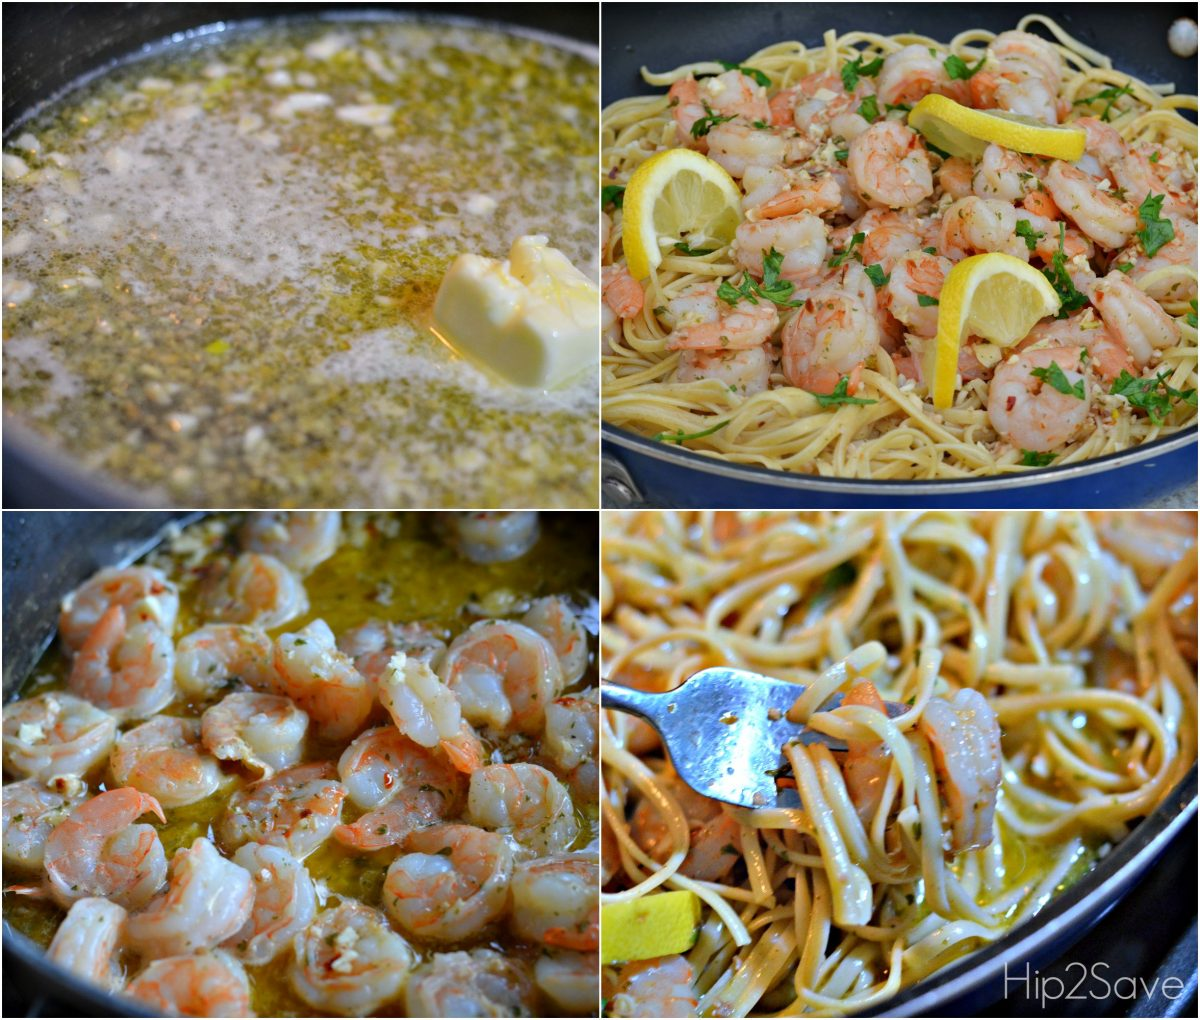 Restaurant Style Garlic and Buttery Shrimp Scampi Recipe Hip2Save.com